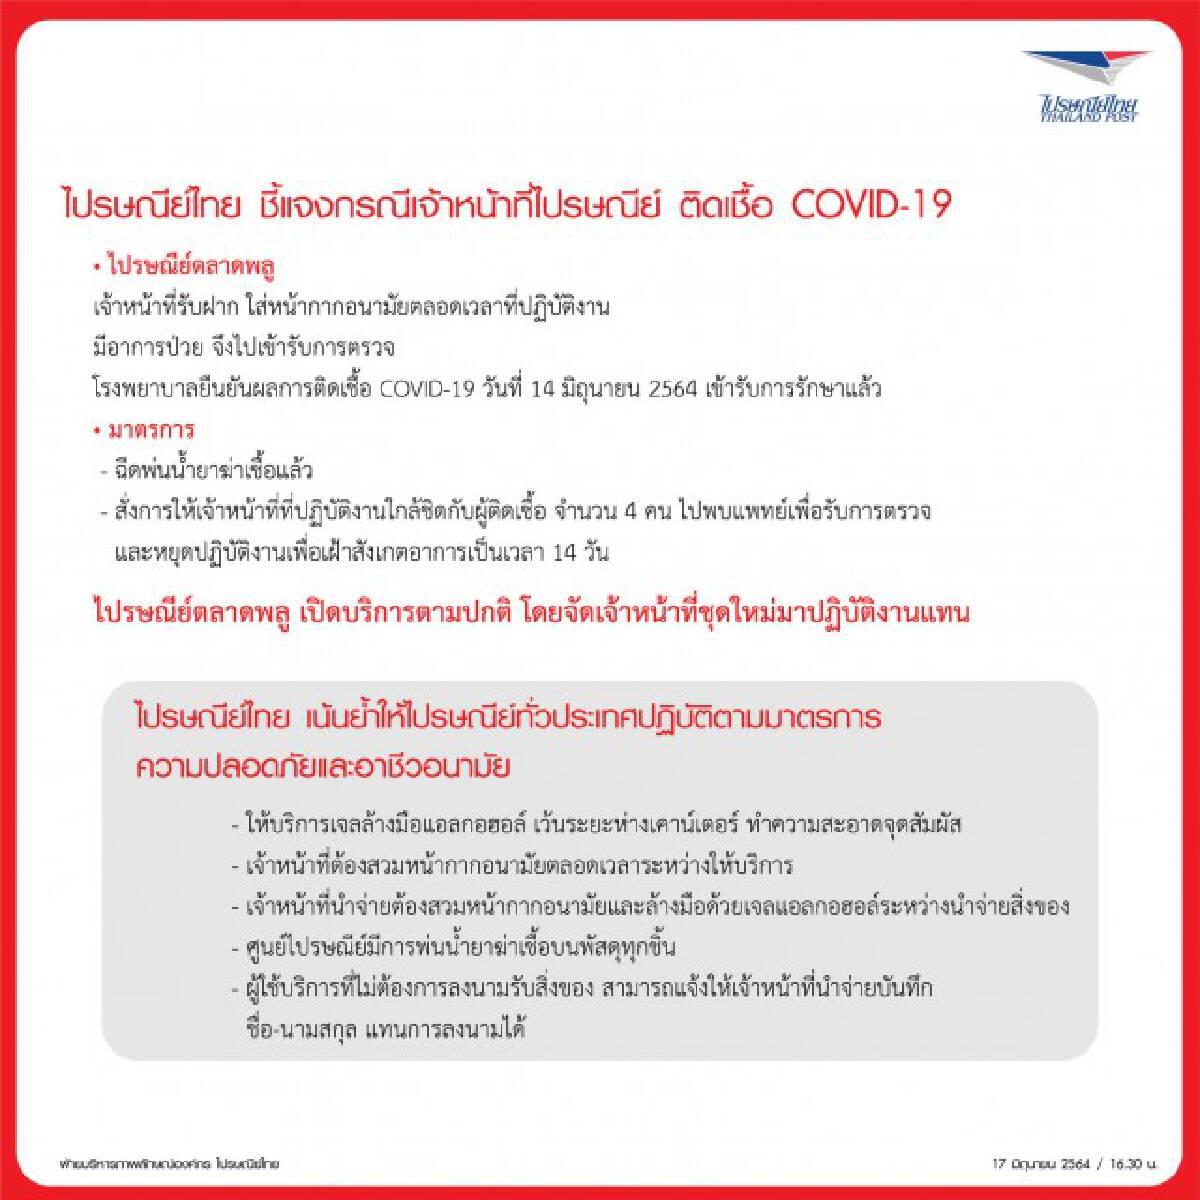 ไปรษณีย์ไทยรับพนักงานติดโควิดจริง ยันพนักงานนำส่งใส่หน้ากากตลอด